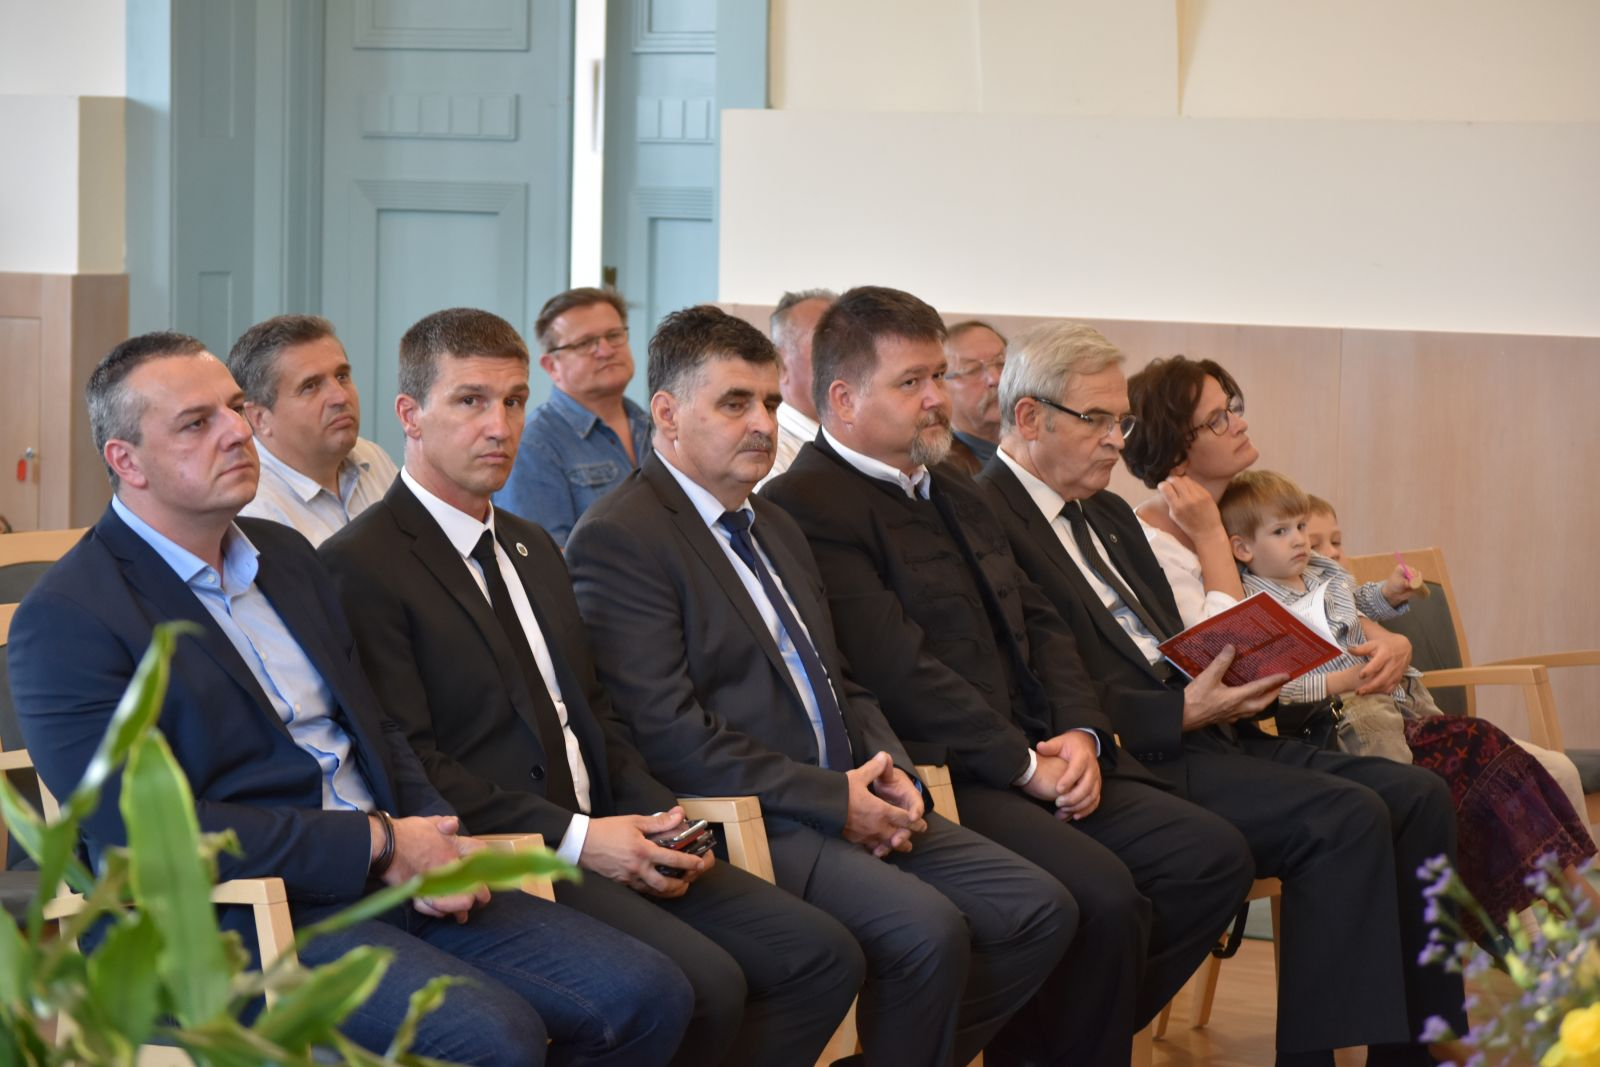 Tőkés Lászlóval emlékeztünk a trianoni döntés évfordulóján